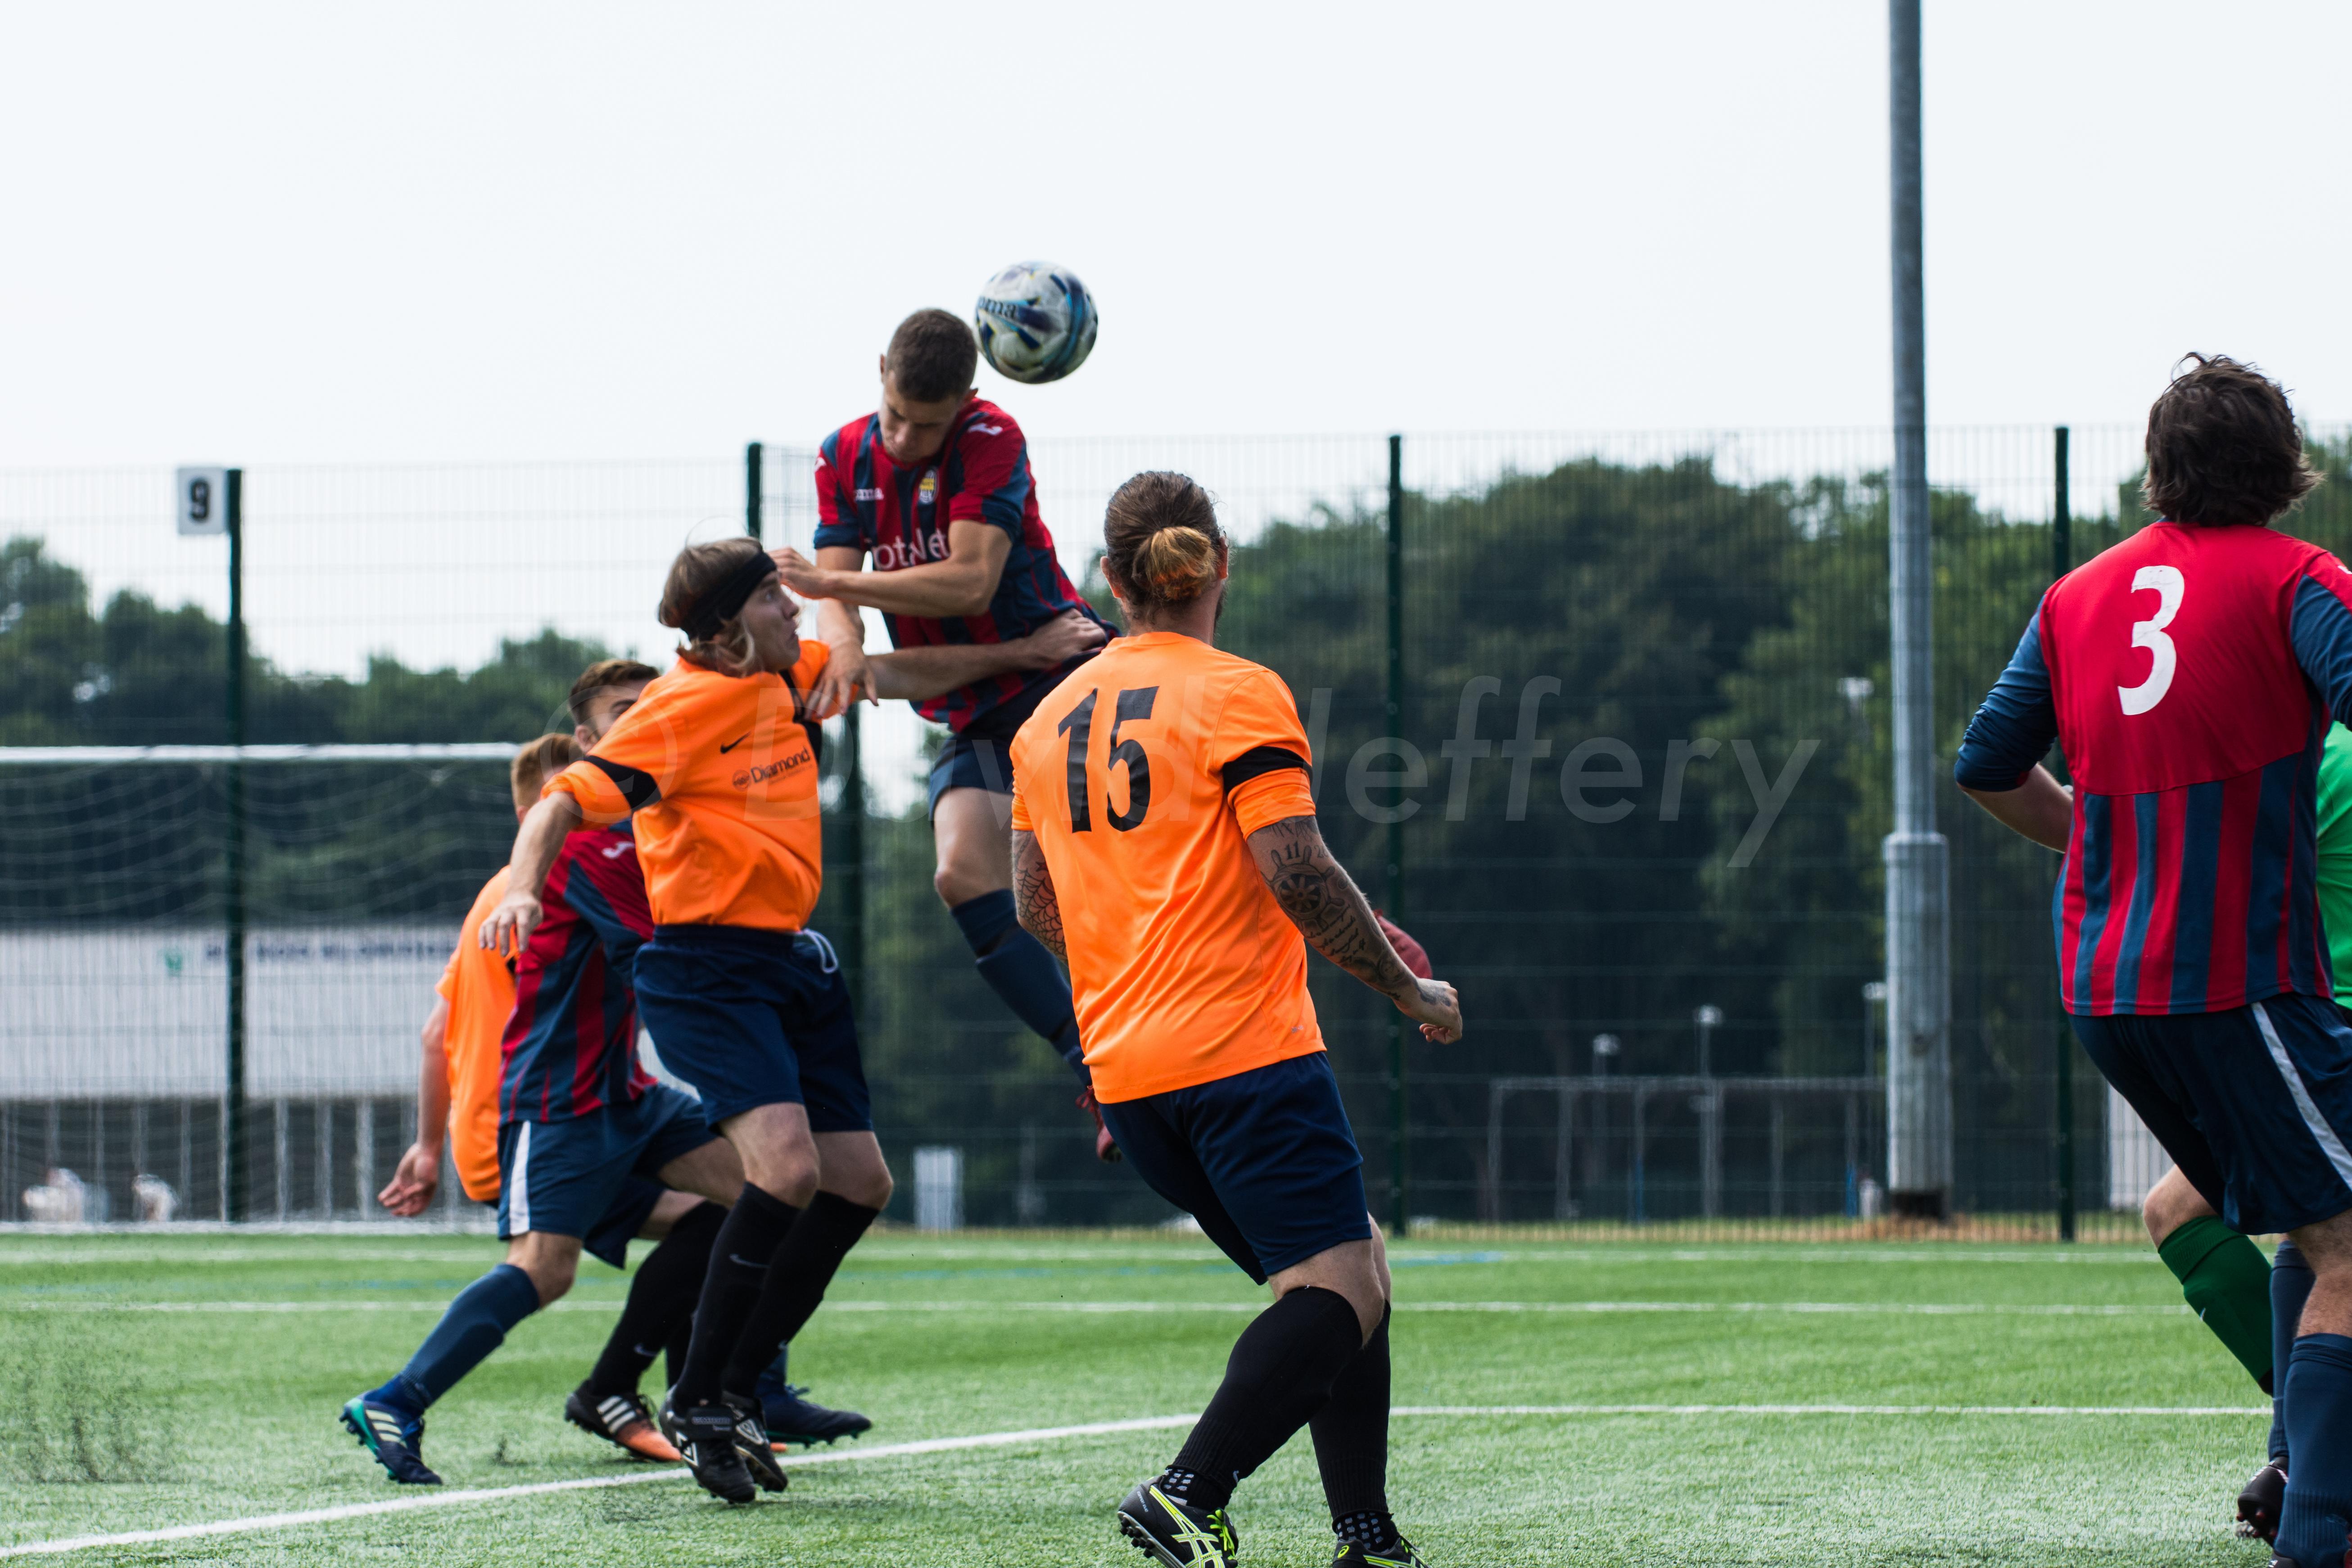 DAVID_JEFFERY Montpellier Villa vs Mile Oak FC 21.07.18 0003